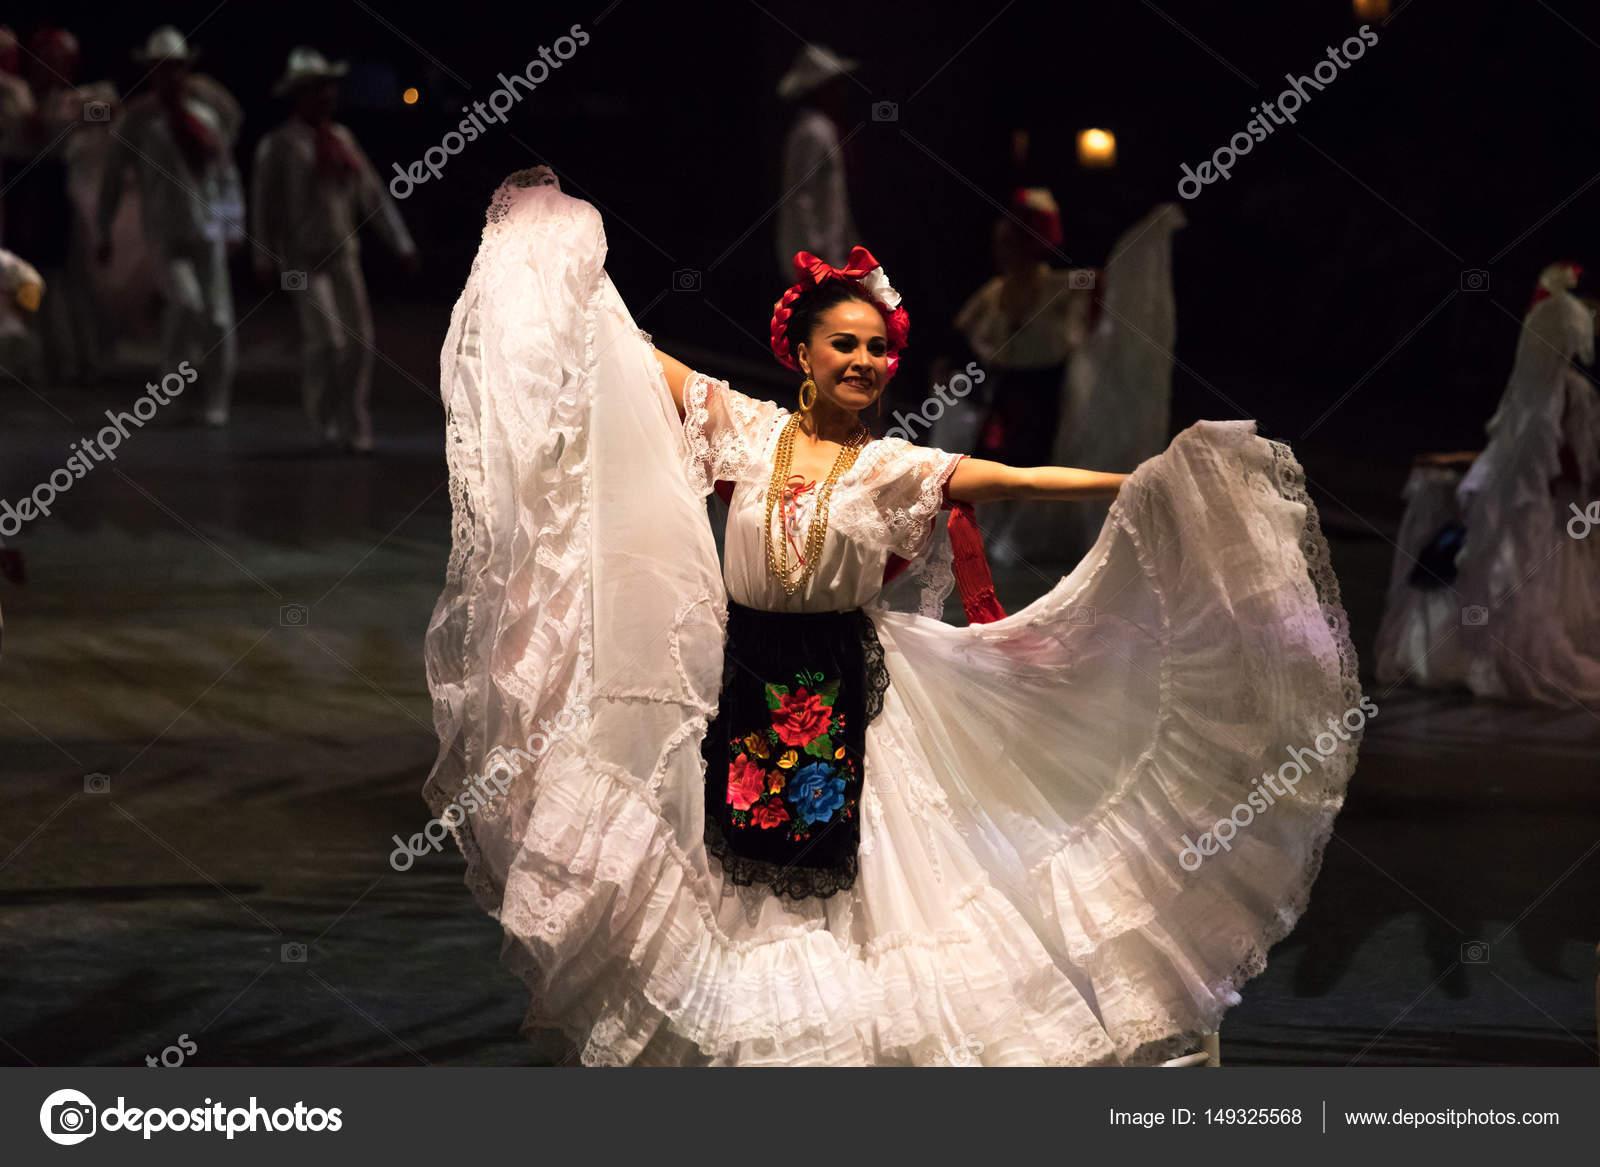 Vestidos De Bailes Mexicanos Bailarines En Un Viejo